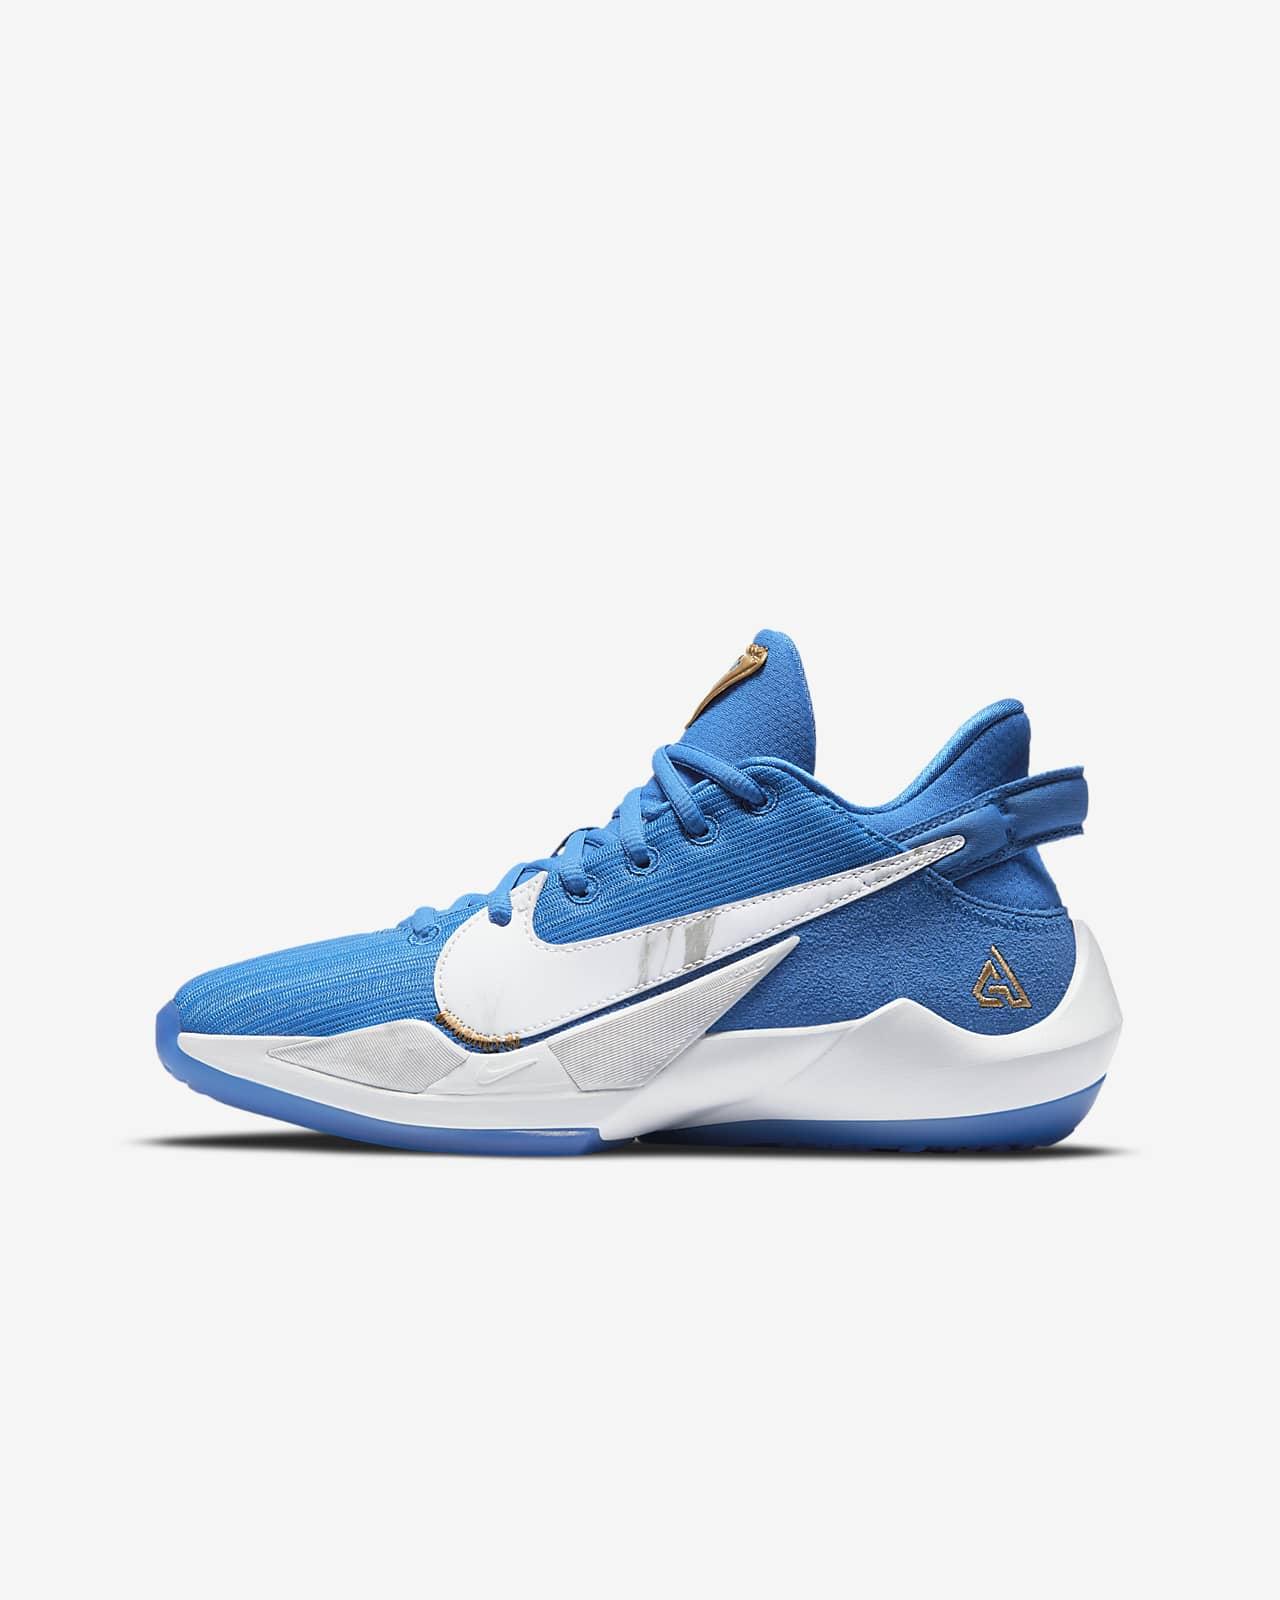 Баскетбольные кроссовки для школьников Freak 2 SE